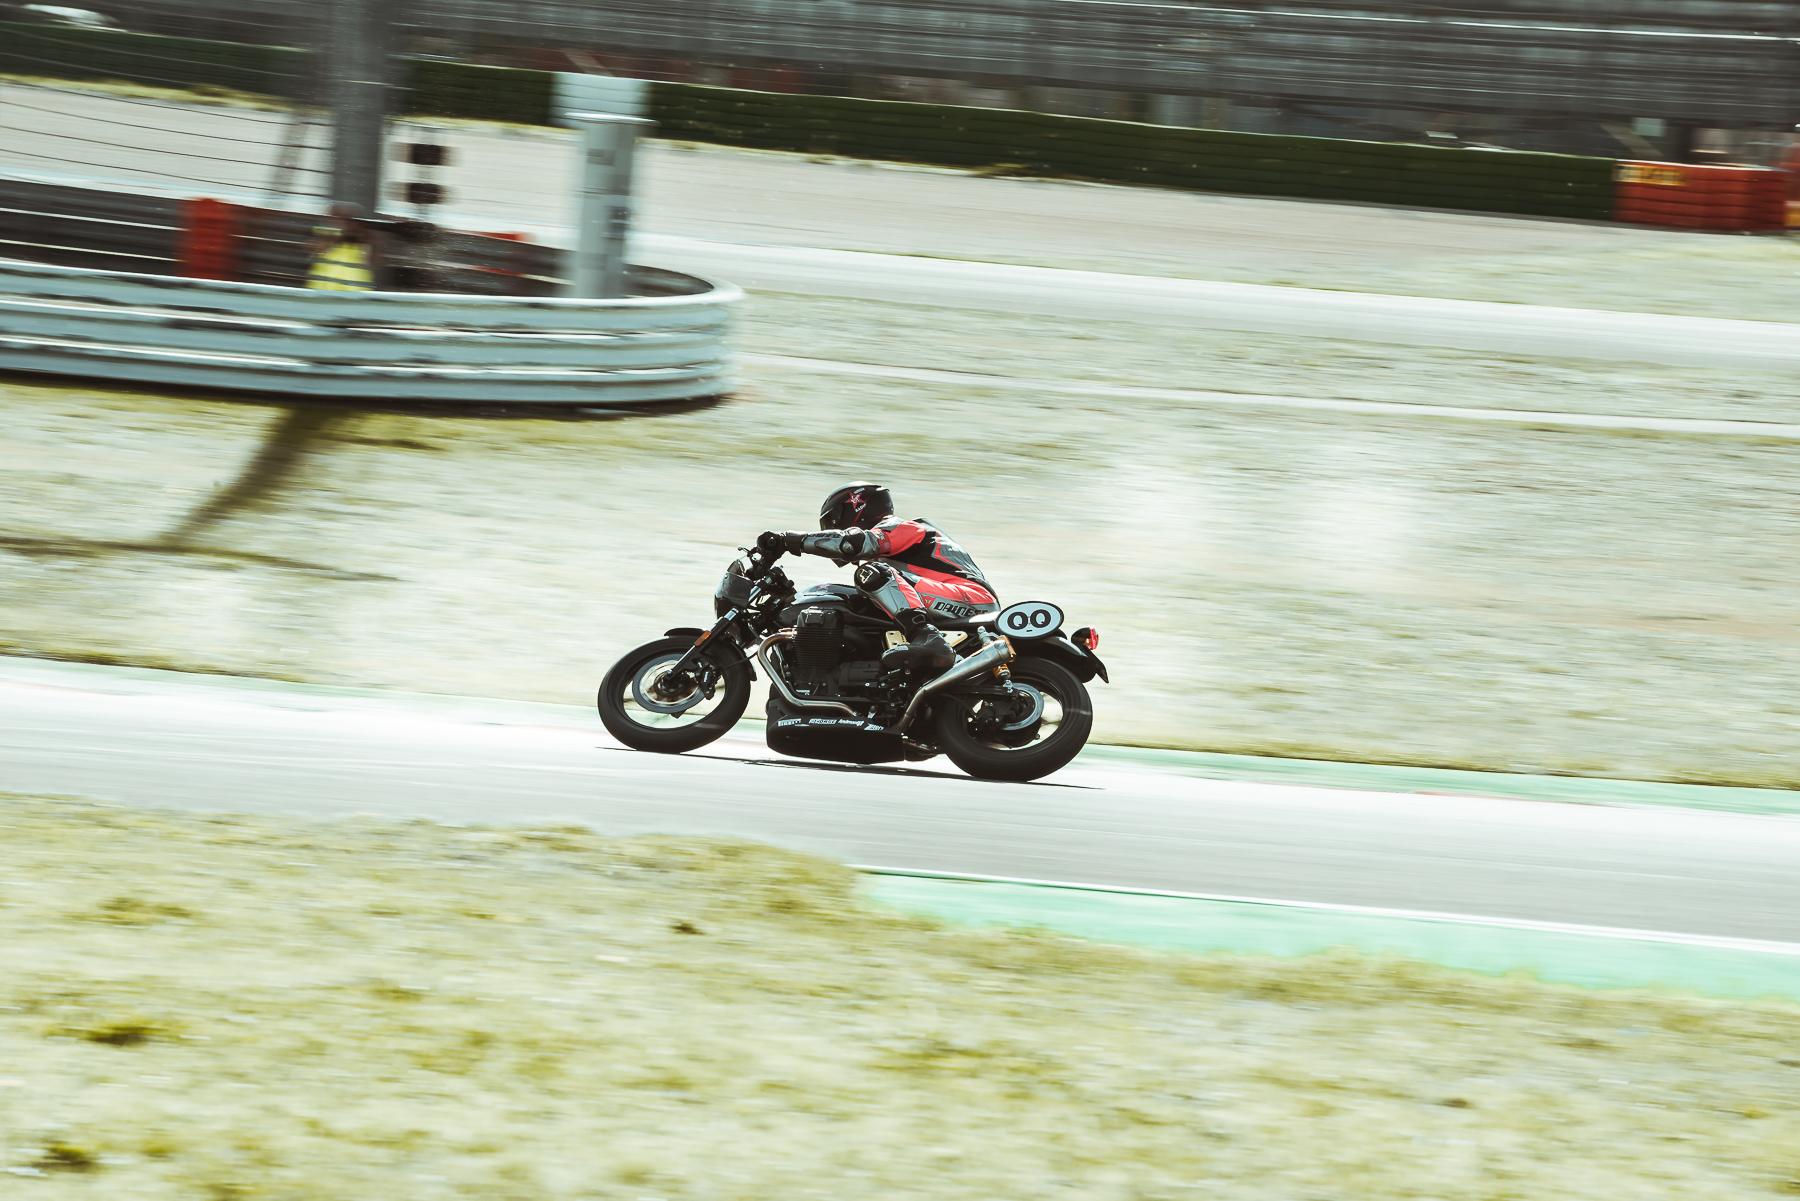 2020-Moto-Guzzi-Endurance-DAY-2-37